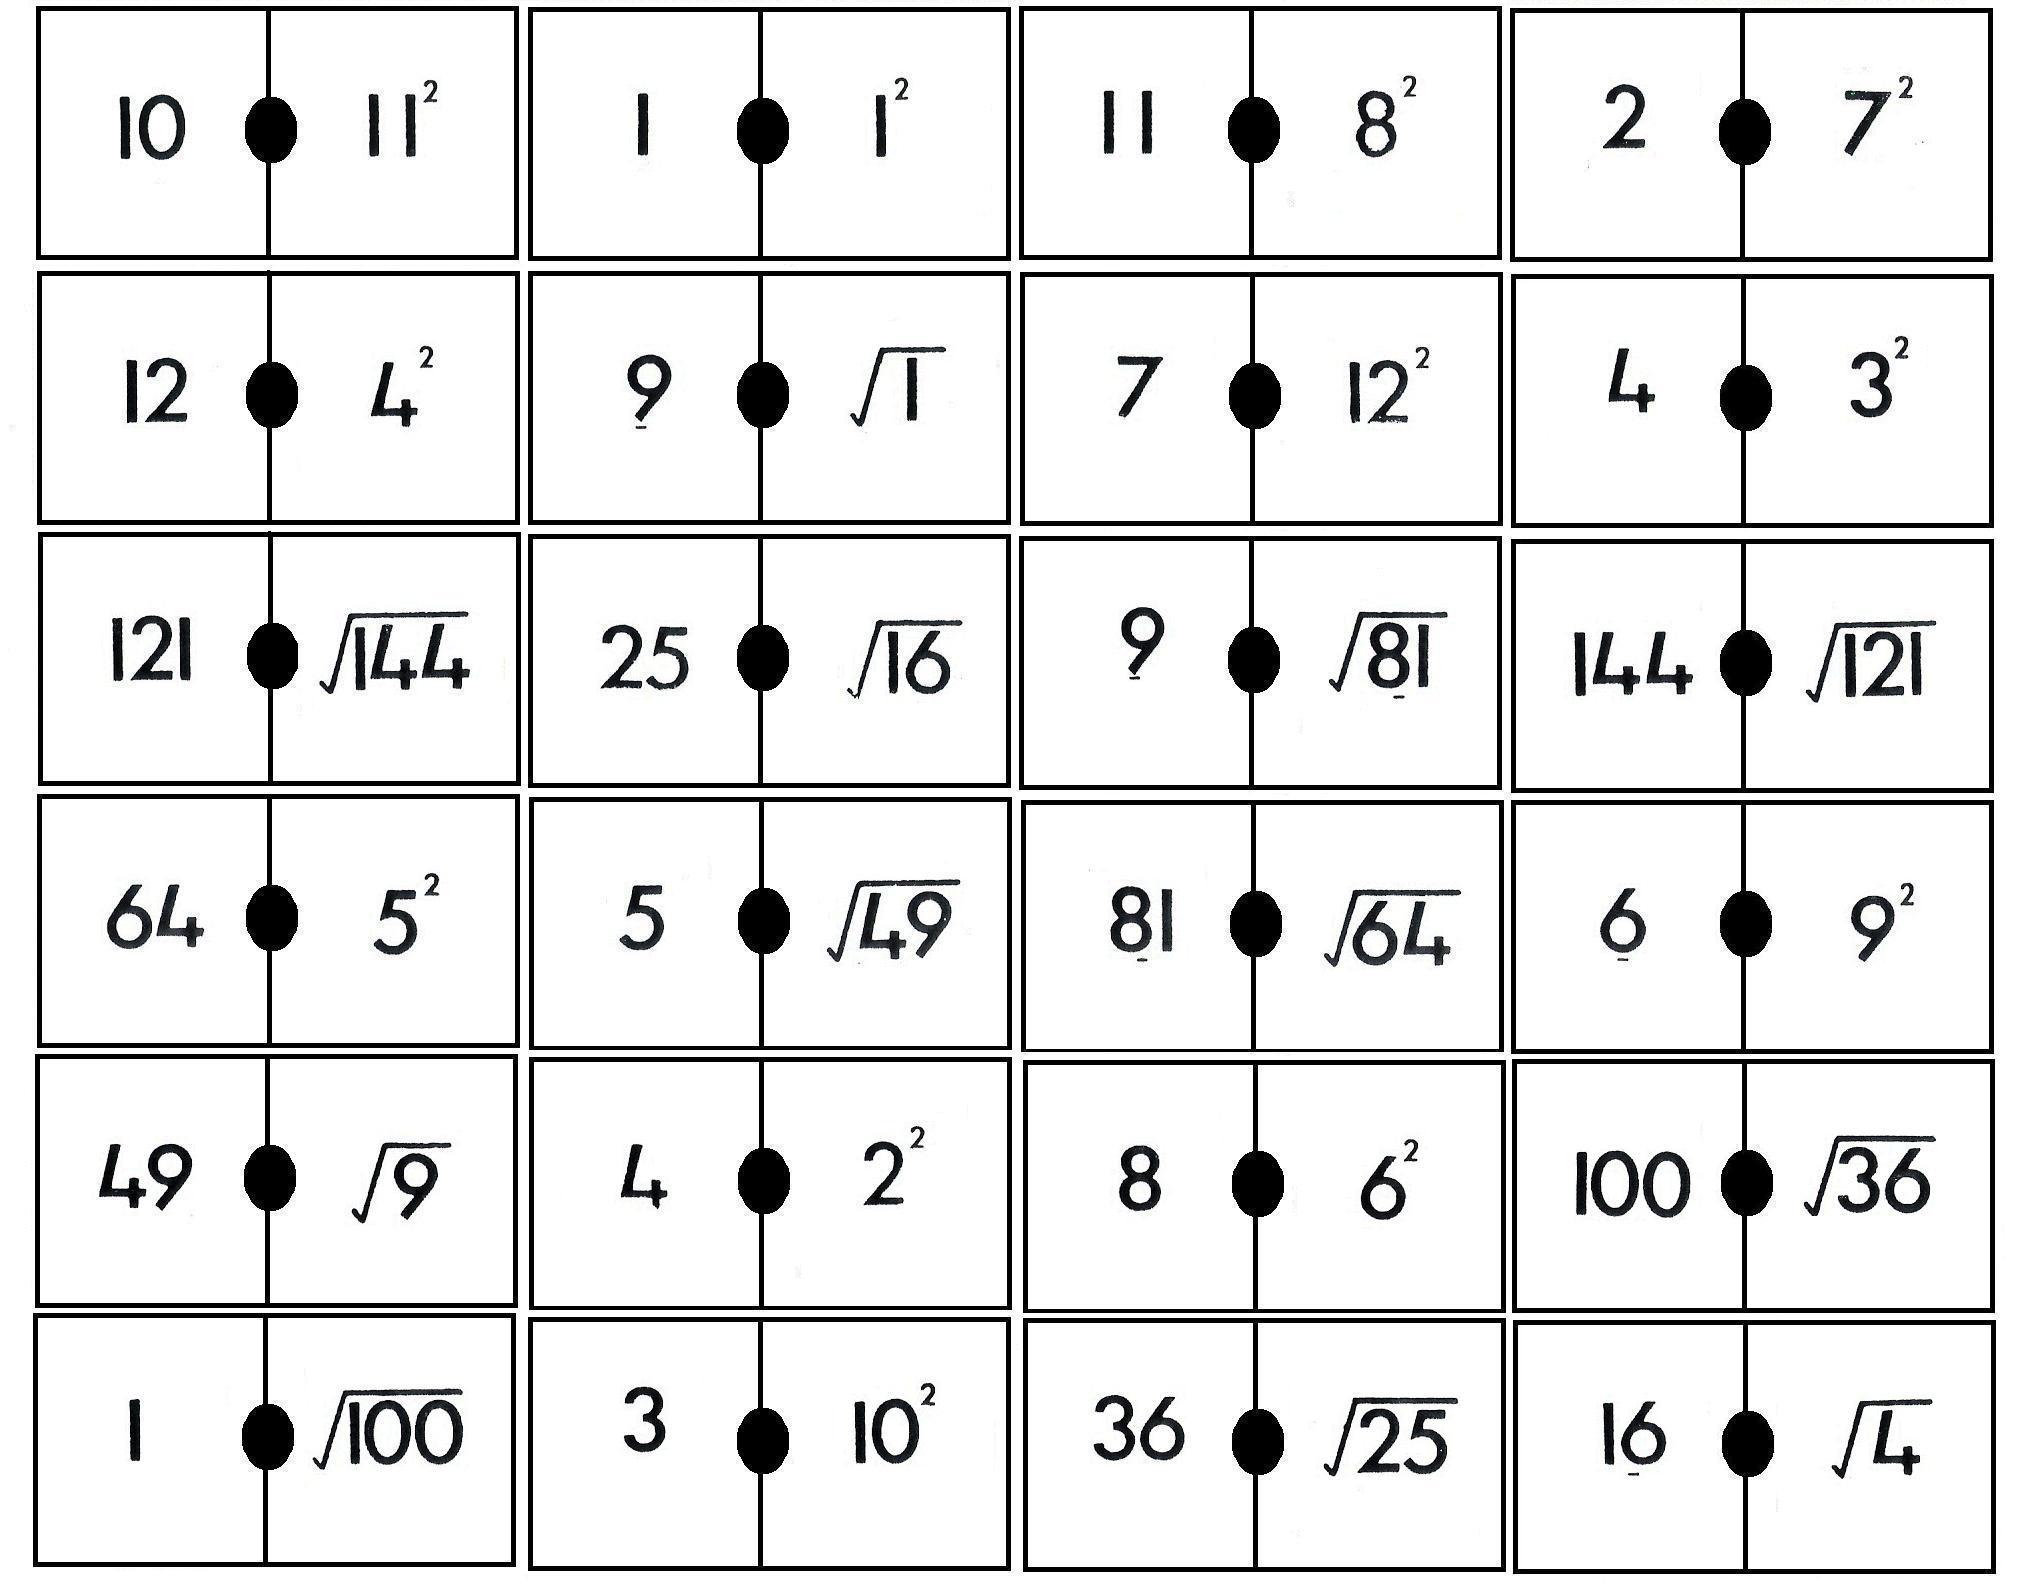 Domino De Cuadrados Y Raices Juegos Y Matematicas